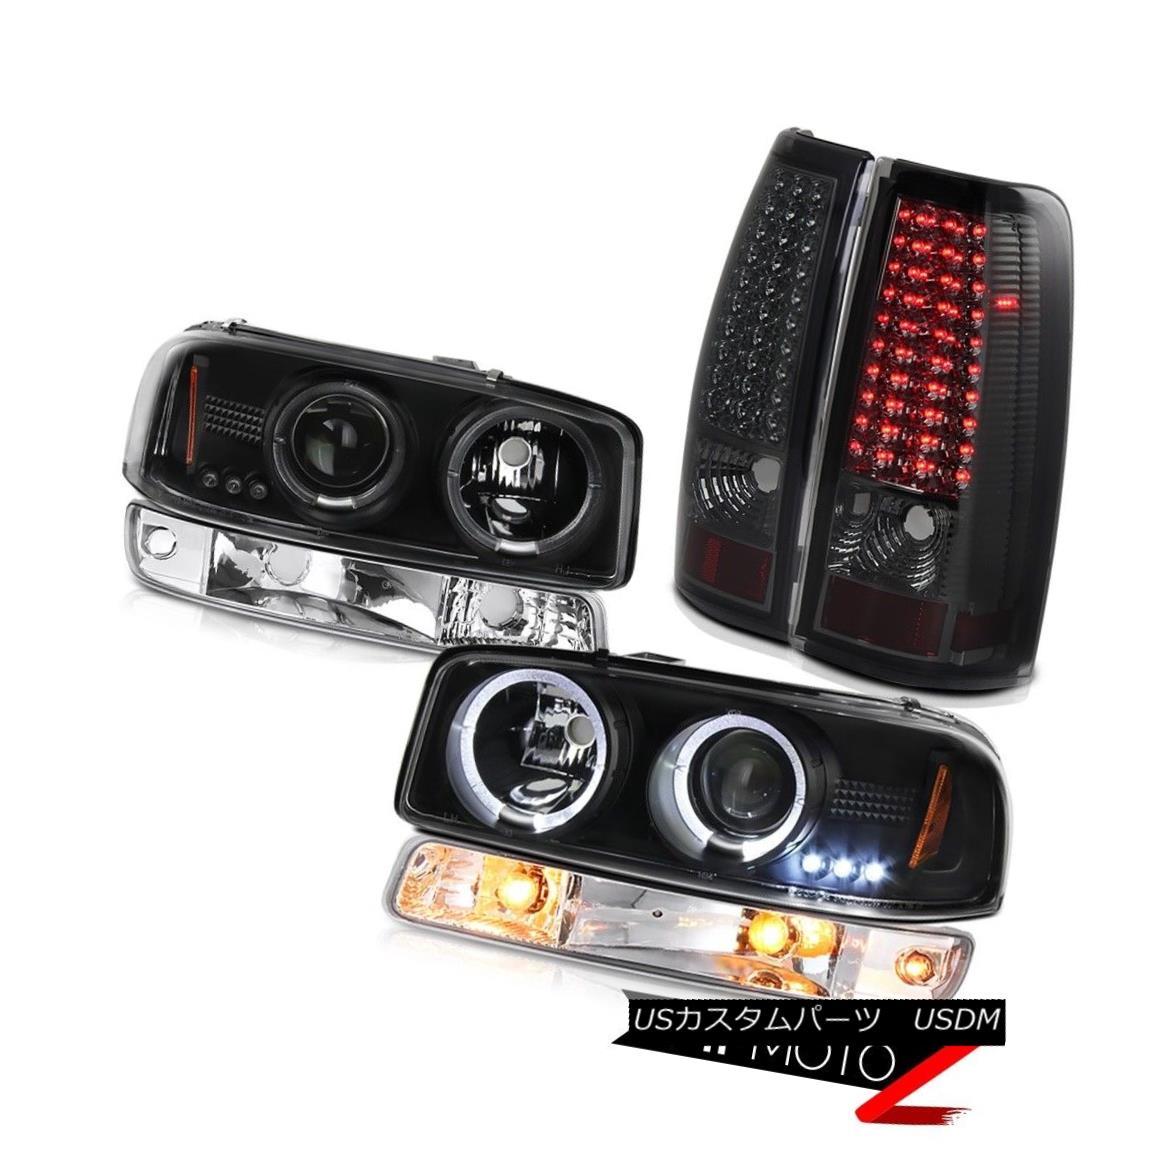 ヘッドライト 99-06 Sierra 3500HD Tail lights euro clear bumper lamp inky black headlights 99-06 Sierra 3500HDテールライトユーロクリアバンパーランプインキーブラックヘッドライト